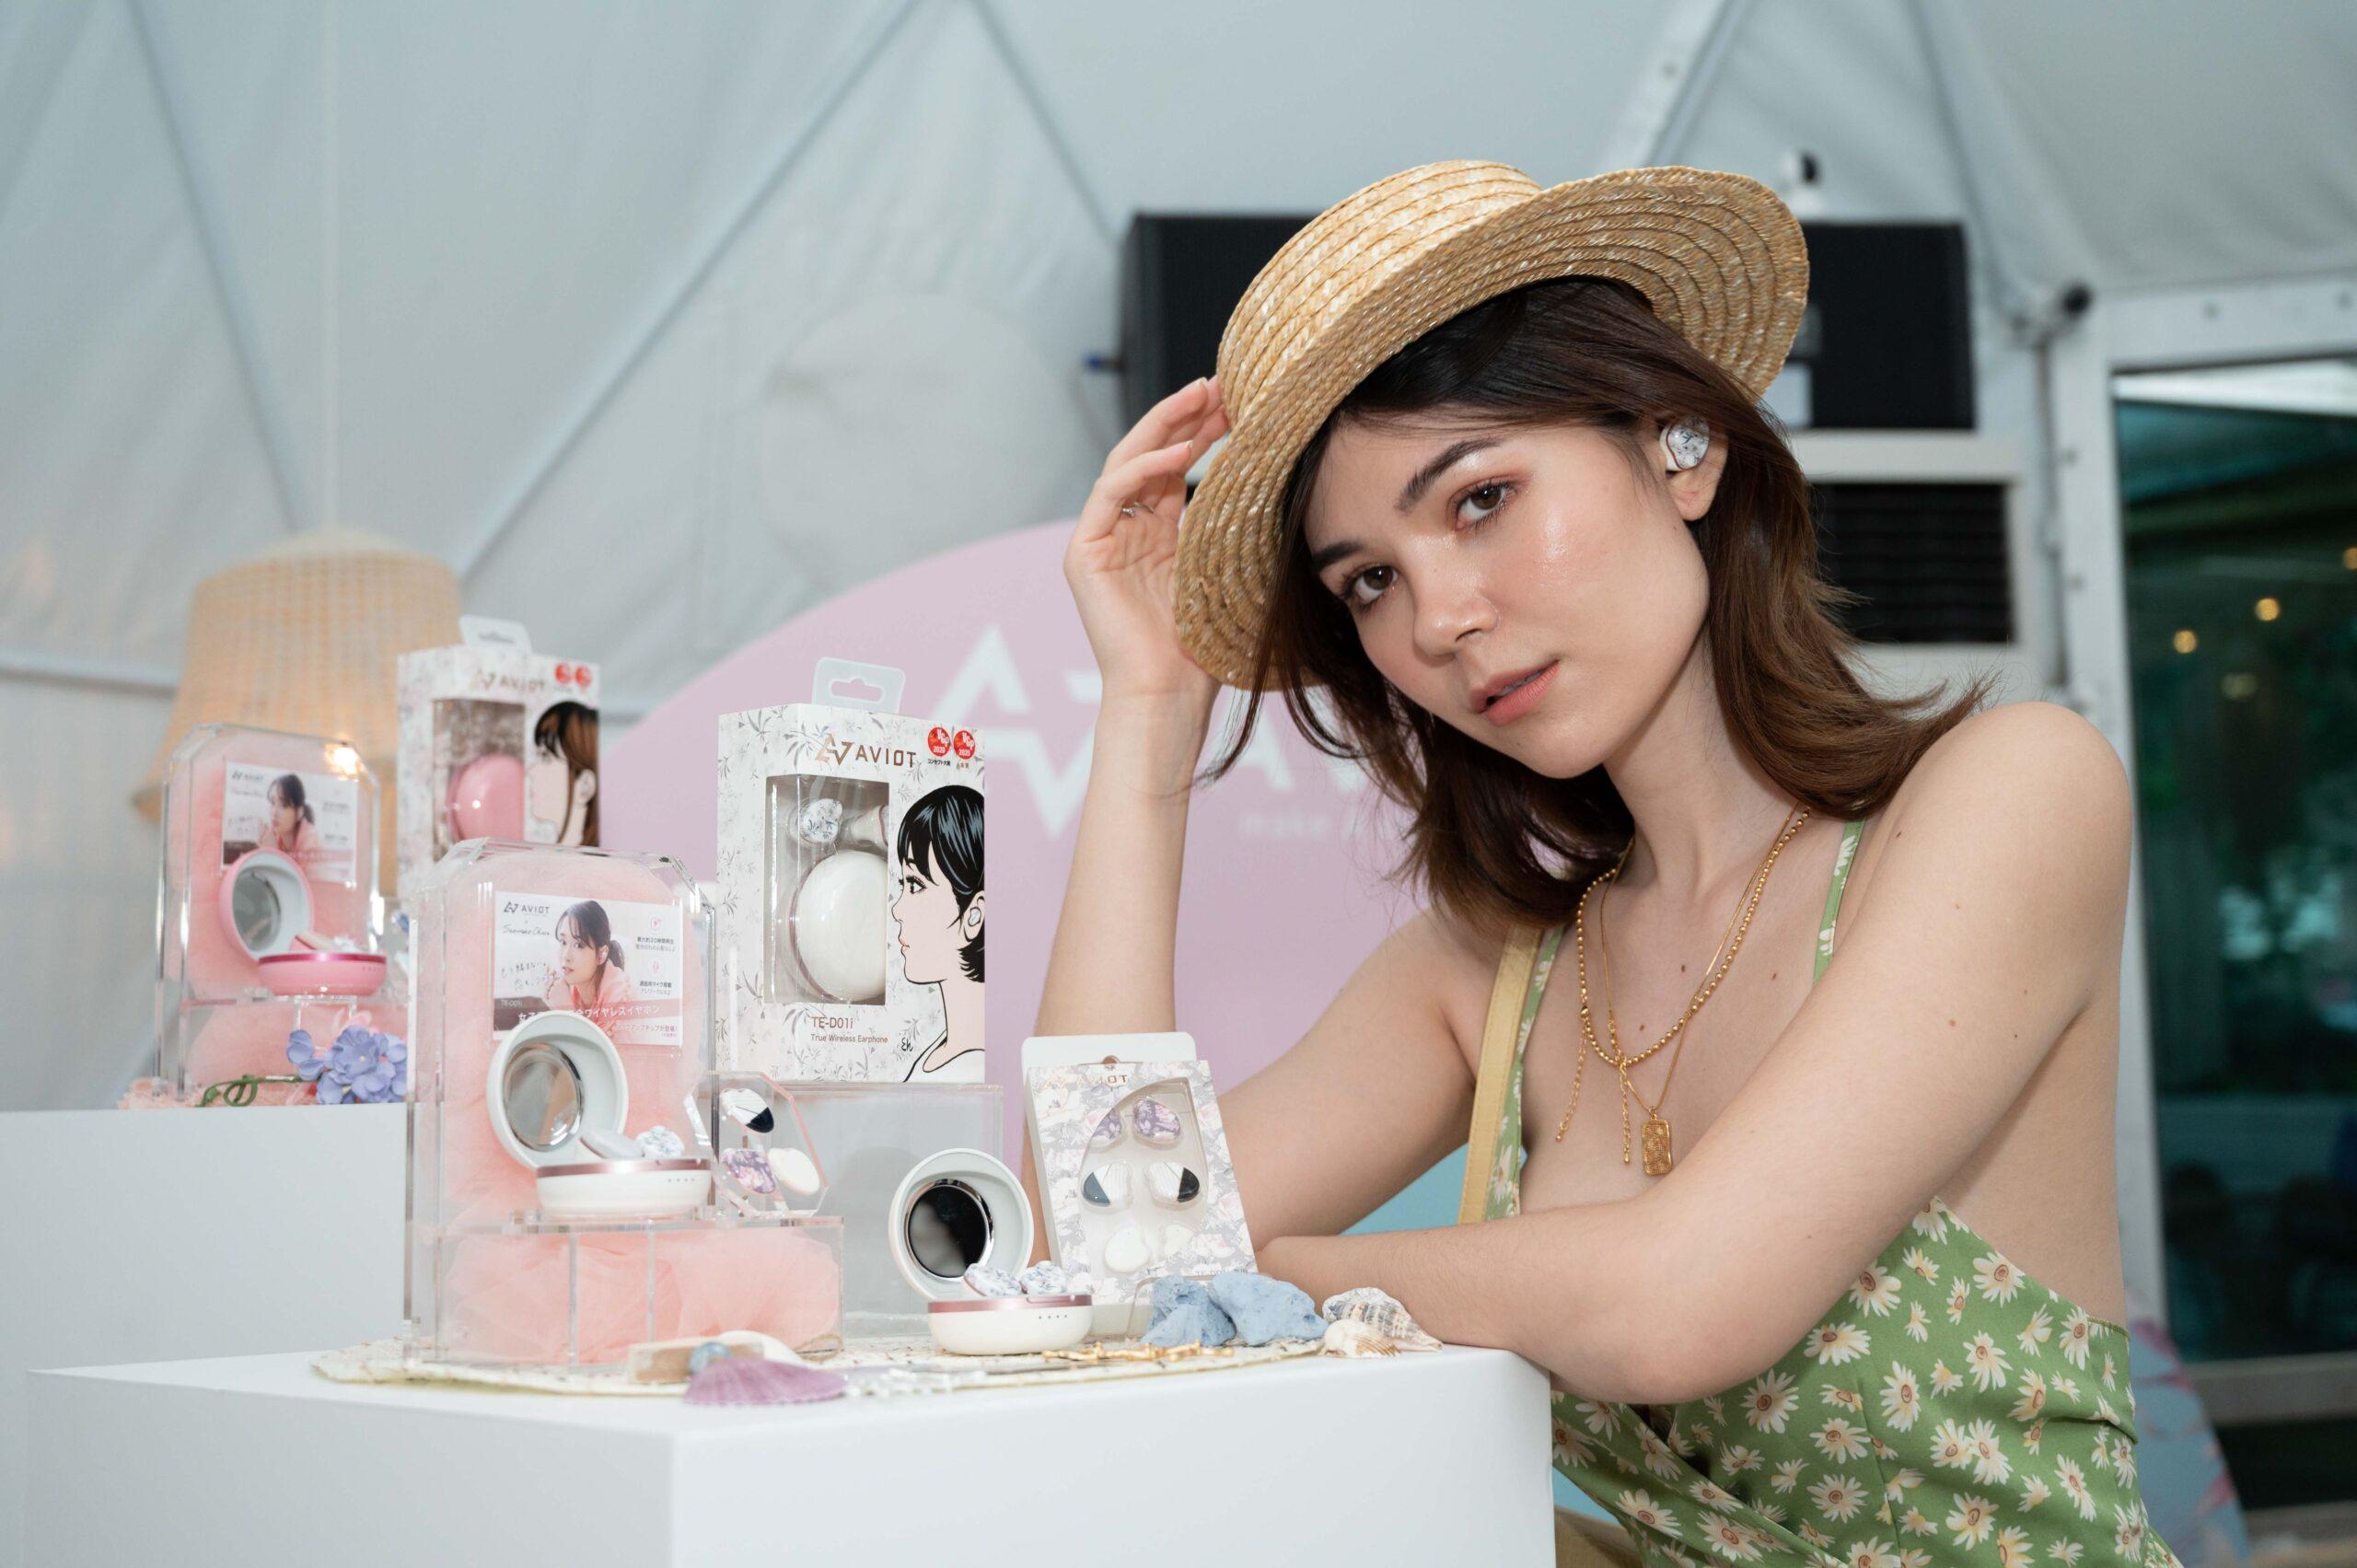 專為女性打造!風靡萬千少女的「馬卡龍耳機」時尚登台  夢幻新色美翻了